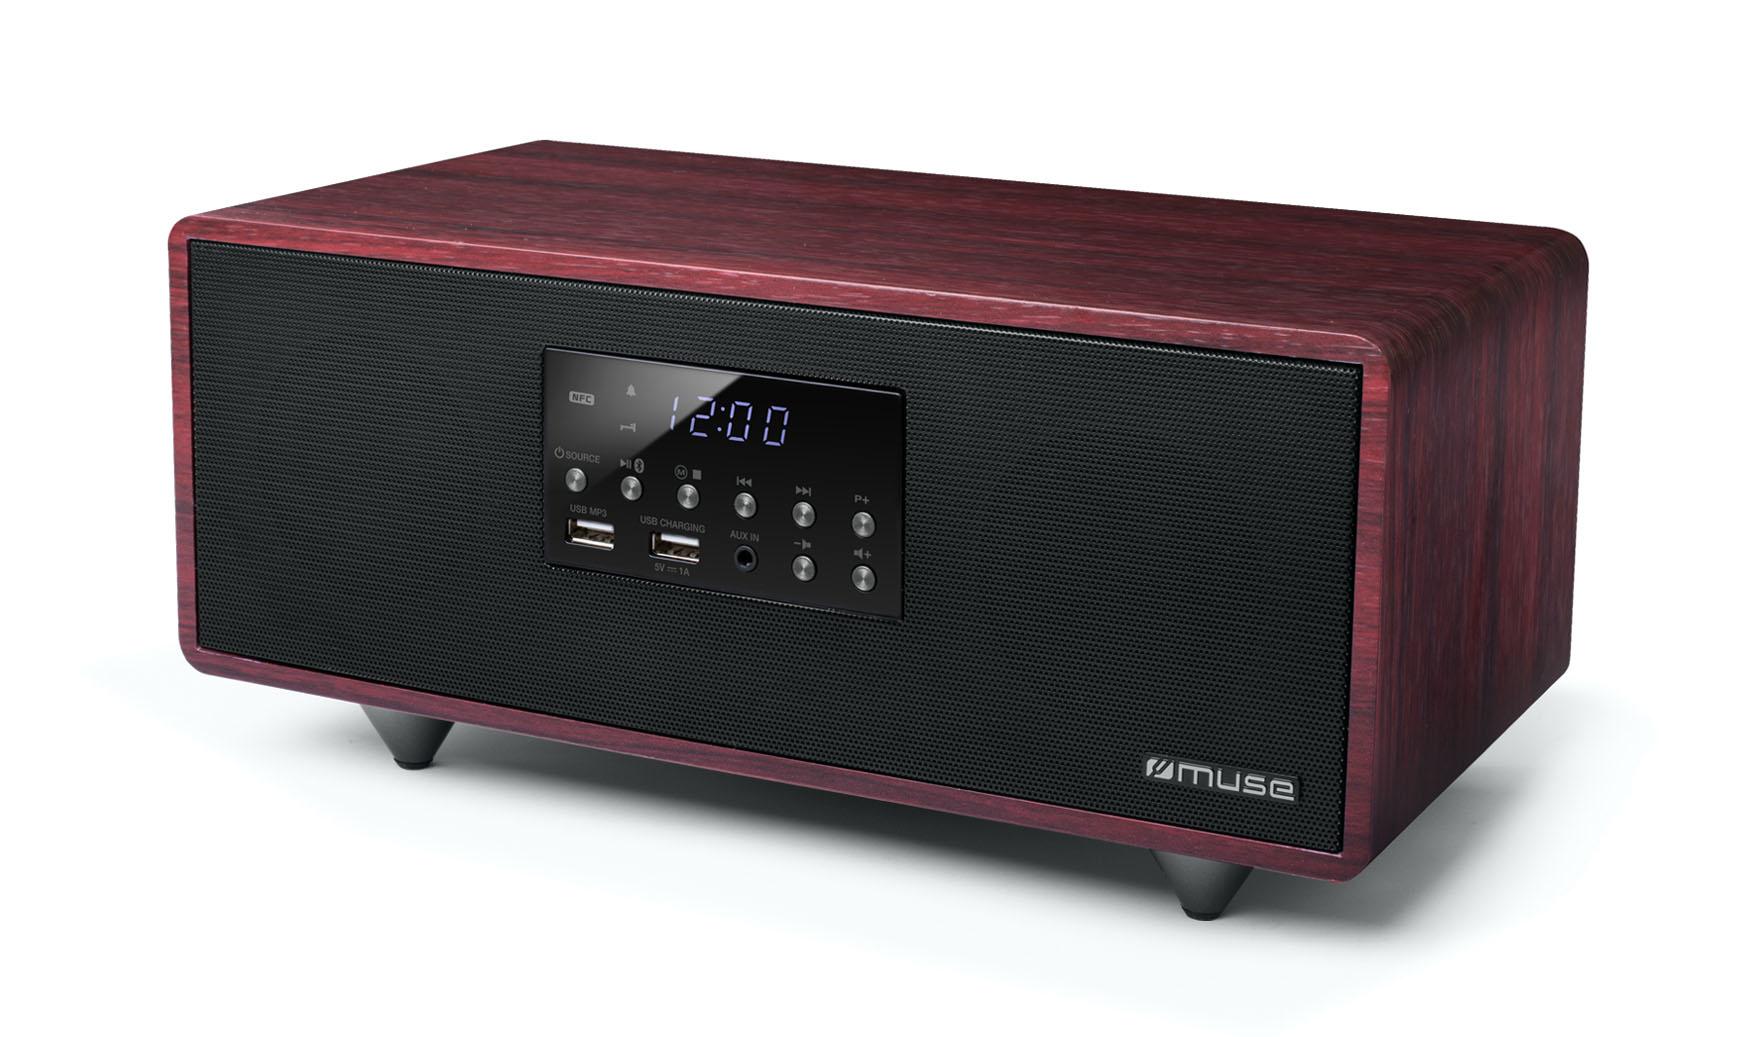 M-630 DWT HOME AUDIO MINI SYSTEM 40W NEGRO, ROJO SISTEMA DE AUDIO PARA EL HOGAR